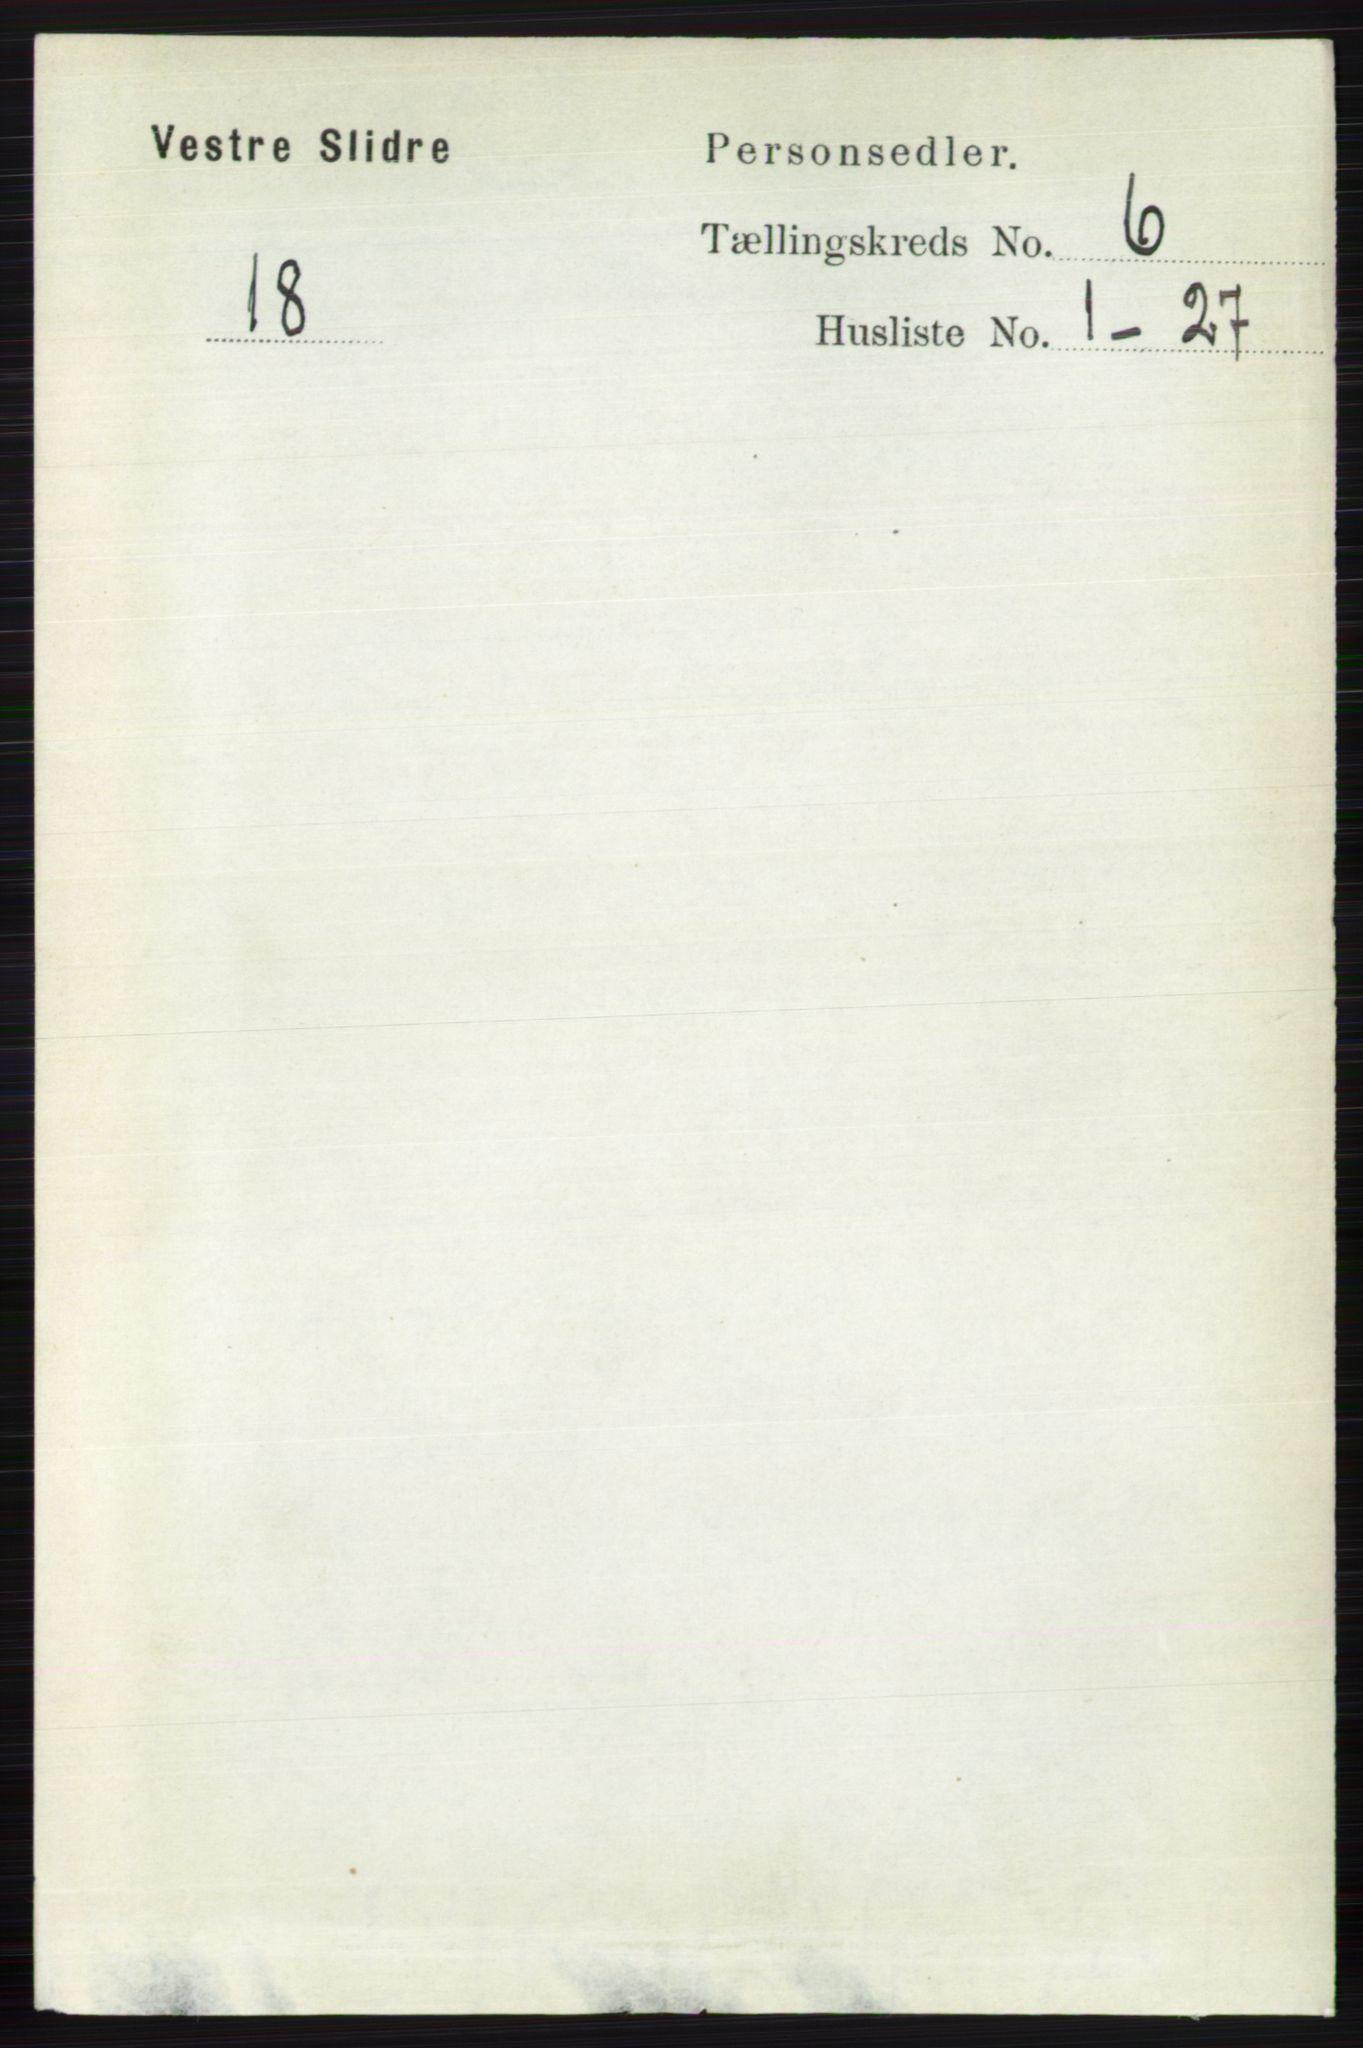 RA, Folketelling 1891 for 0543 Vestre Slidre herred, 1891, s. 2062